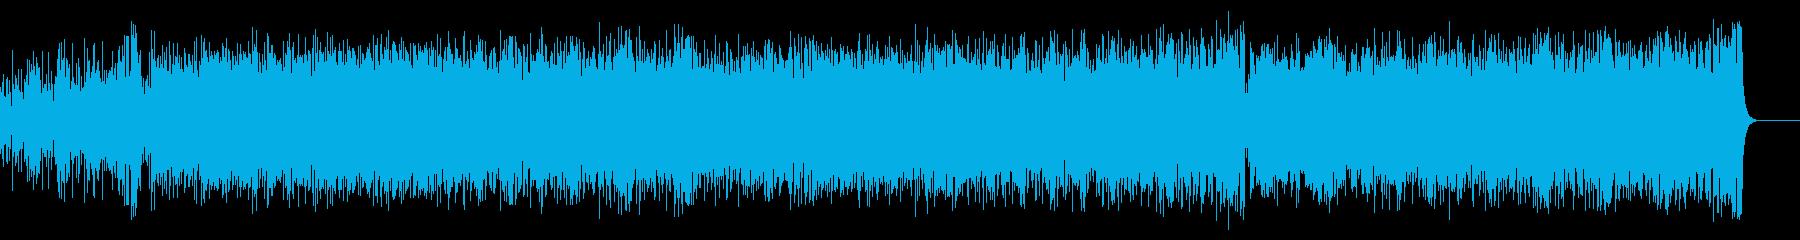 パーカッシブで豪華なピアノ・フュージョンの再生済みの波形